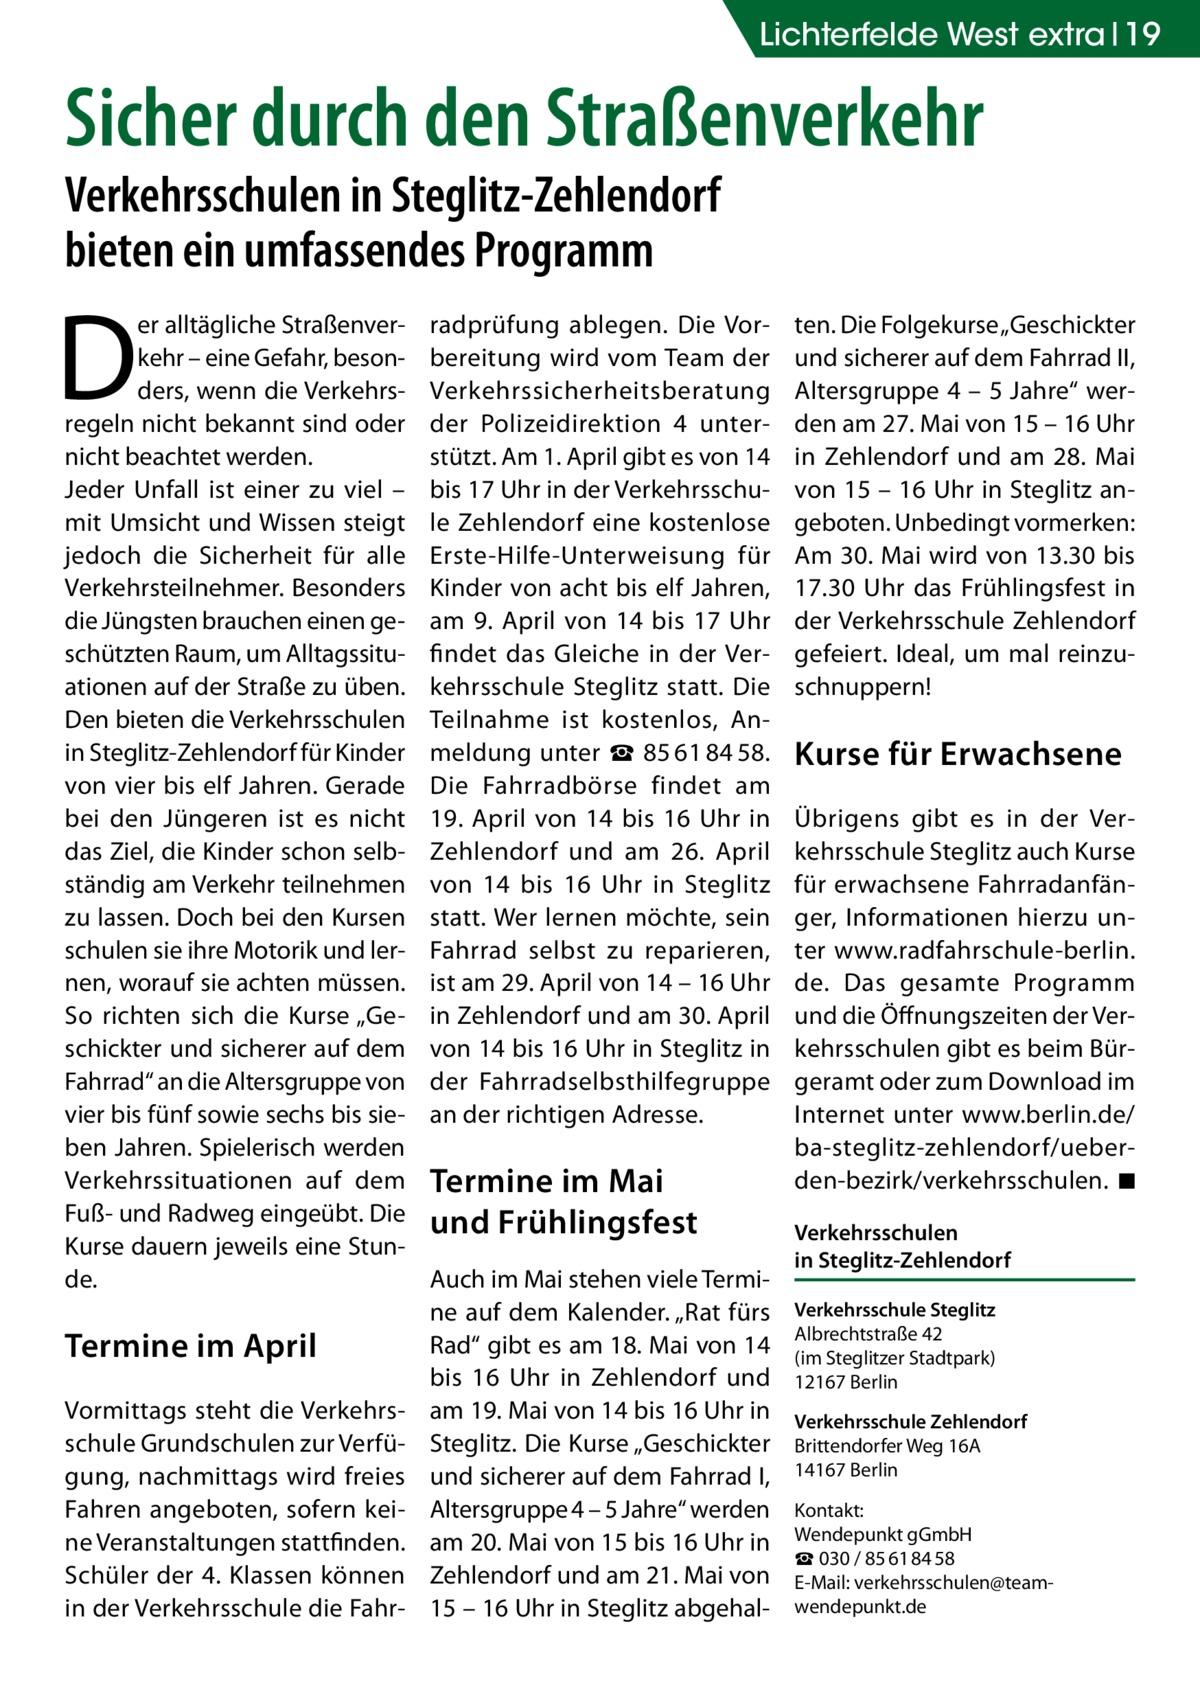 """Lichterfelde West extra 19  Sicher durch den Straßenverkehr Verkehrsschulen in Steglitz-Zehlendorf bieten ein umfassendes Programm  D  er alltägliche Straßenverkehr – eine Gefahr, besonders, wenn die Verkehrsregeln nicht bekannt sind oder nicht beachtet werden. Jeder Unfall ist einer zu viel – mit Umsicht und Wissen steigt jedoch die Sicherheit für alle Verkehrsteilnehmer. Besonders die Jüngsten brauchen einen geschützten Raum, um Alltagssituationen auf der Straße zu üben. Den bieten die Verkehrsschulen in Steglitz-Zehlendorf für Kinder von vier bis elf Jahren. Gerade bei den Jüngeren ist es nicht das Ziel, die Kinder schon selbständig am Verkehr teilnehmen zu lassen. Doch bei den Kursen schulen sie ihre Motorik und lernen, worauf sie achten müssen. So richten sich die Kurse """"Geschickter und sicherer auf dem Fahrrad"""" an die Altersgruppe von vier bis fünf sowie sechs bis sieben Jahren. Spielerisch werden Verkehrssituationen auf dem Fuß- und Radweg eingeübt. Die Kurse dauern jeweils eine Stunde.  Termine im April Vormittags steht die Verkehrsschule Grundschulen zur Verfügung, nachmittags wird freies Fahren angeboten, sofern keine Veranstaltungen stattfinden. Schüler der 4. Klassen können in der Verkehrsschule die Fahr radprüfung ablegen. Die Vorbereitung wird vom Team der Verkehrssicherheitsberatung der Polizeidirektion 4 unterstützt. Am 1. April gibt es von 14 bis 17 Uhr in der Verkehrsschule Zehlendorf eine kostenlose Erste-Hilfe-Unterweisung für Kinder von acht bis elf Jahren, am 9. April von 14 bis 17 Uhr findet das Gleiche in der Verkehrsschule Steglitz statt. Die Teilnahme ist kostenlos, Anmeldung unter ☎85618458. Die Fahrradbörse findet am 19. April von 14 bis 16 Uhr in Zehlendorf und am 26. April von 14 bis 16 Uhr in Steglitz statt. Wer lernen möchte, sein Fahrrad selbst zu reparieren, ist am 29. April von 14 – 16 Uhr in Zehlendorf und am 30. April von 14 bis 16 Uhr in Steglitz in der Fahrradselbsthilfegruppe an der richtigen Adresse.  Termine im Mai und Frühl"""